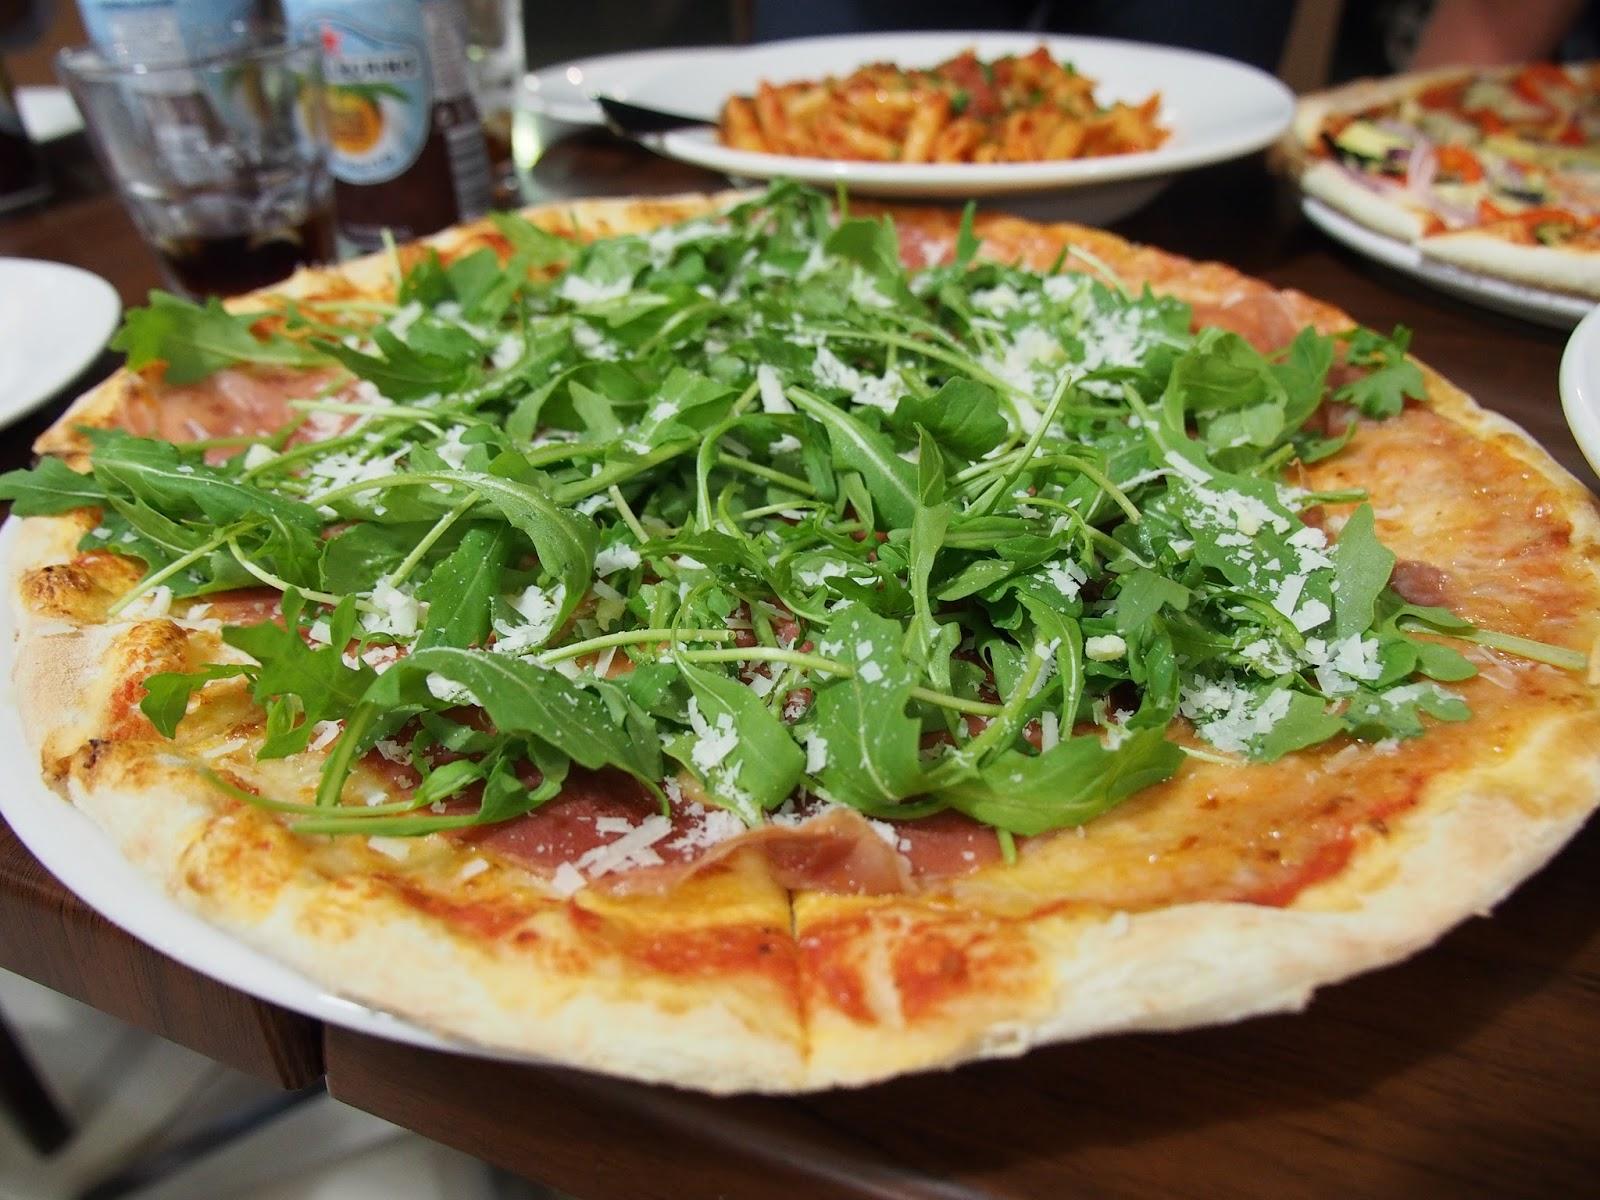 360 Gradi, Parma Prosciutto, Pizza